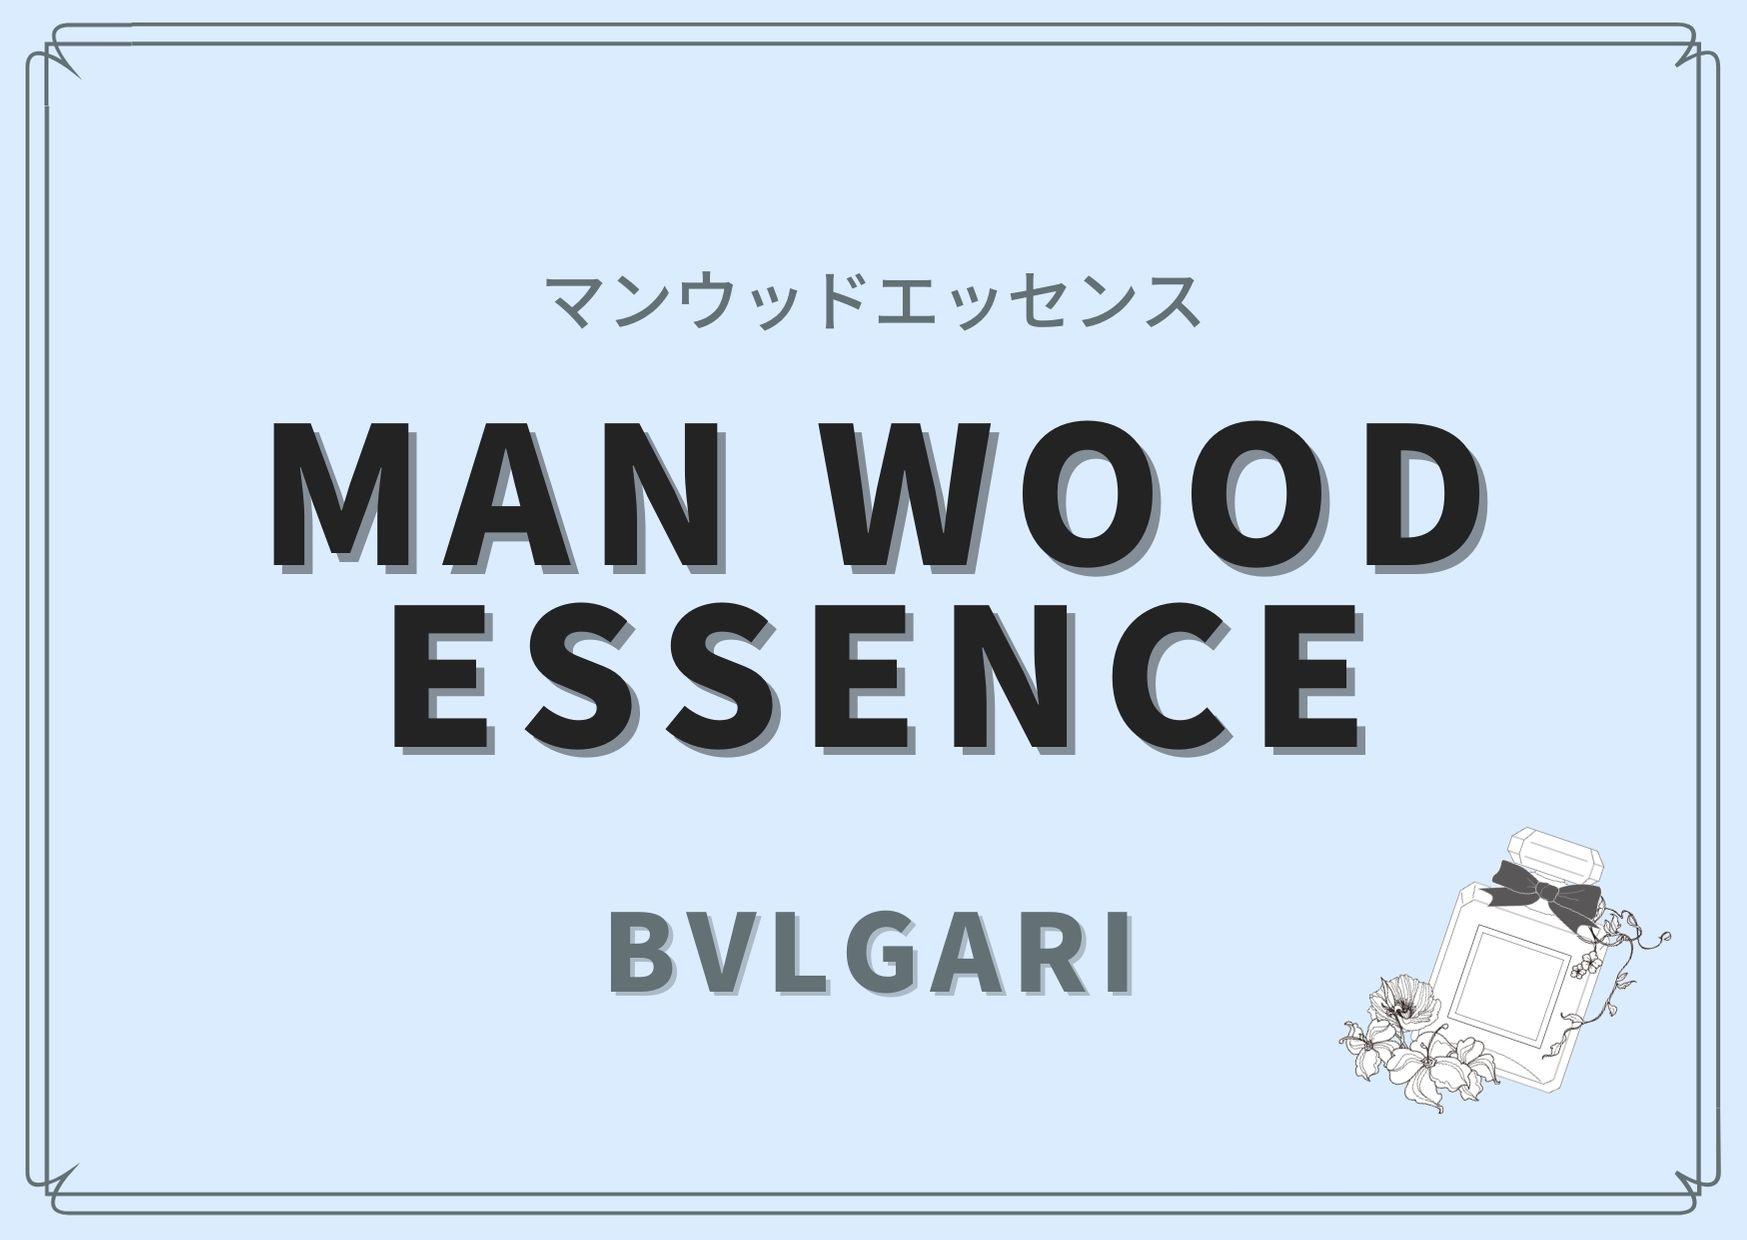 Man Wood Essence(マンウッドエッセンス)/ BVLGARI(ブルガリ)